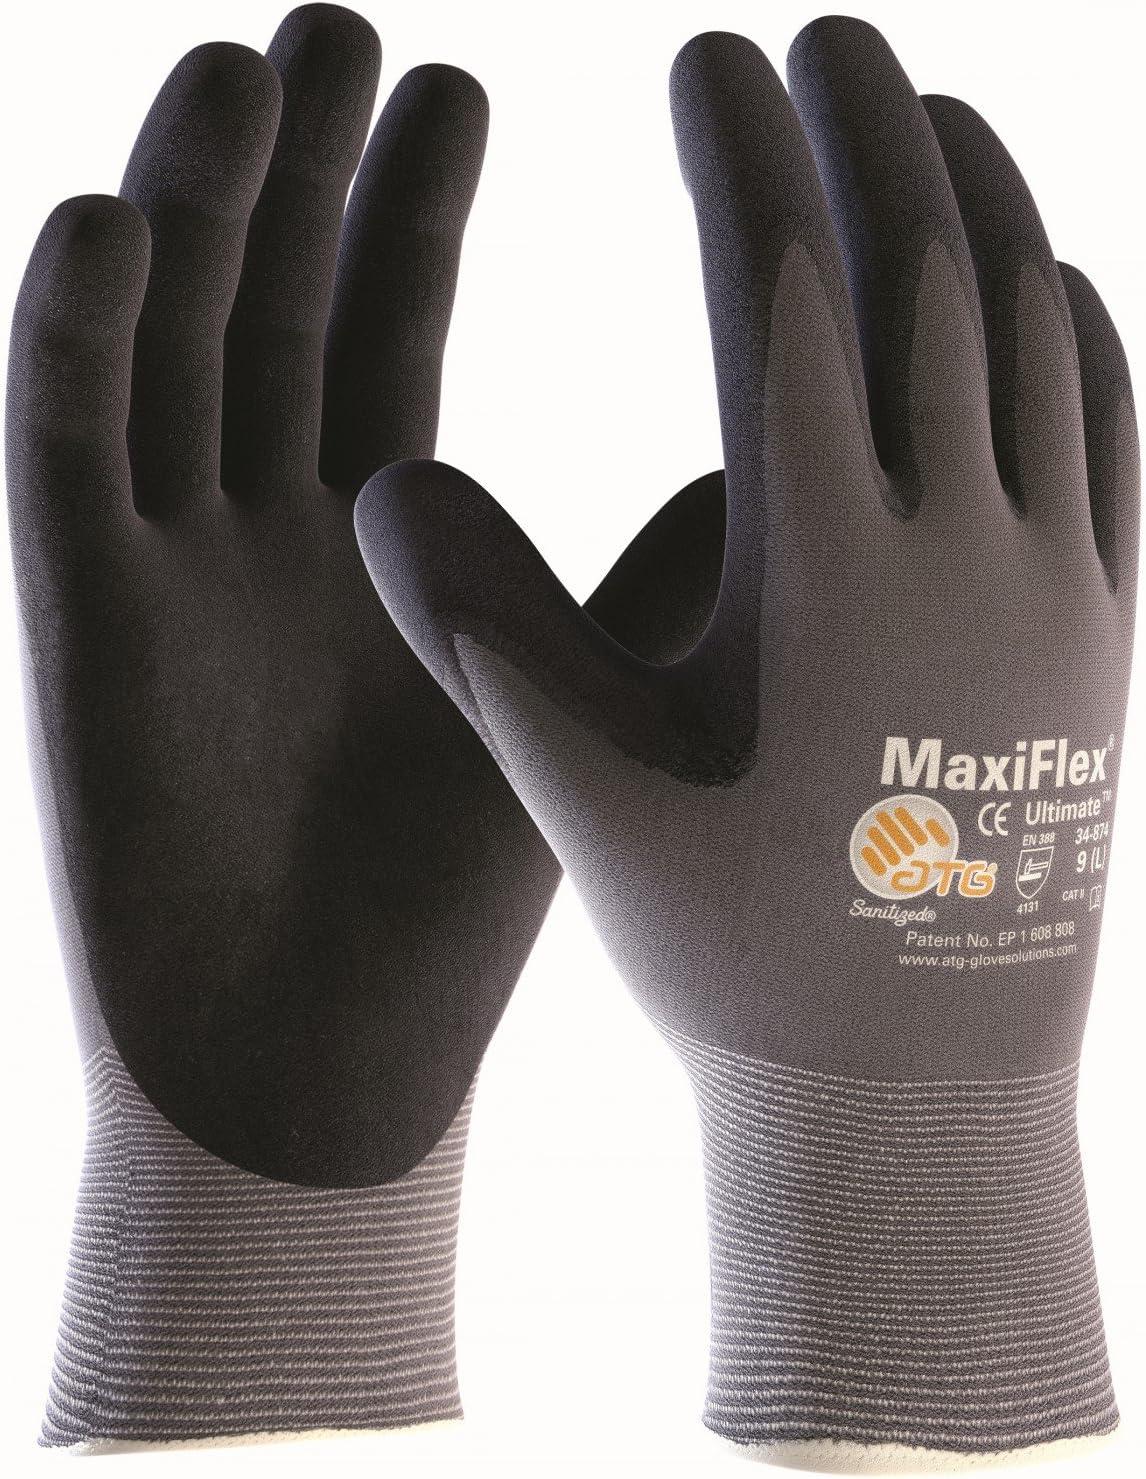 Tama/ño:6 5 Pares MaxiFlex Ultimate Guantes de Nylon y Espuma de nitrilo XS